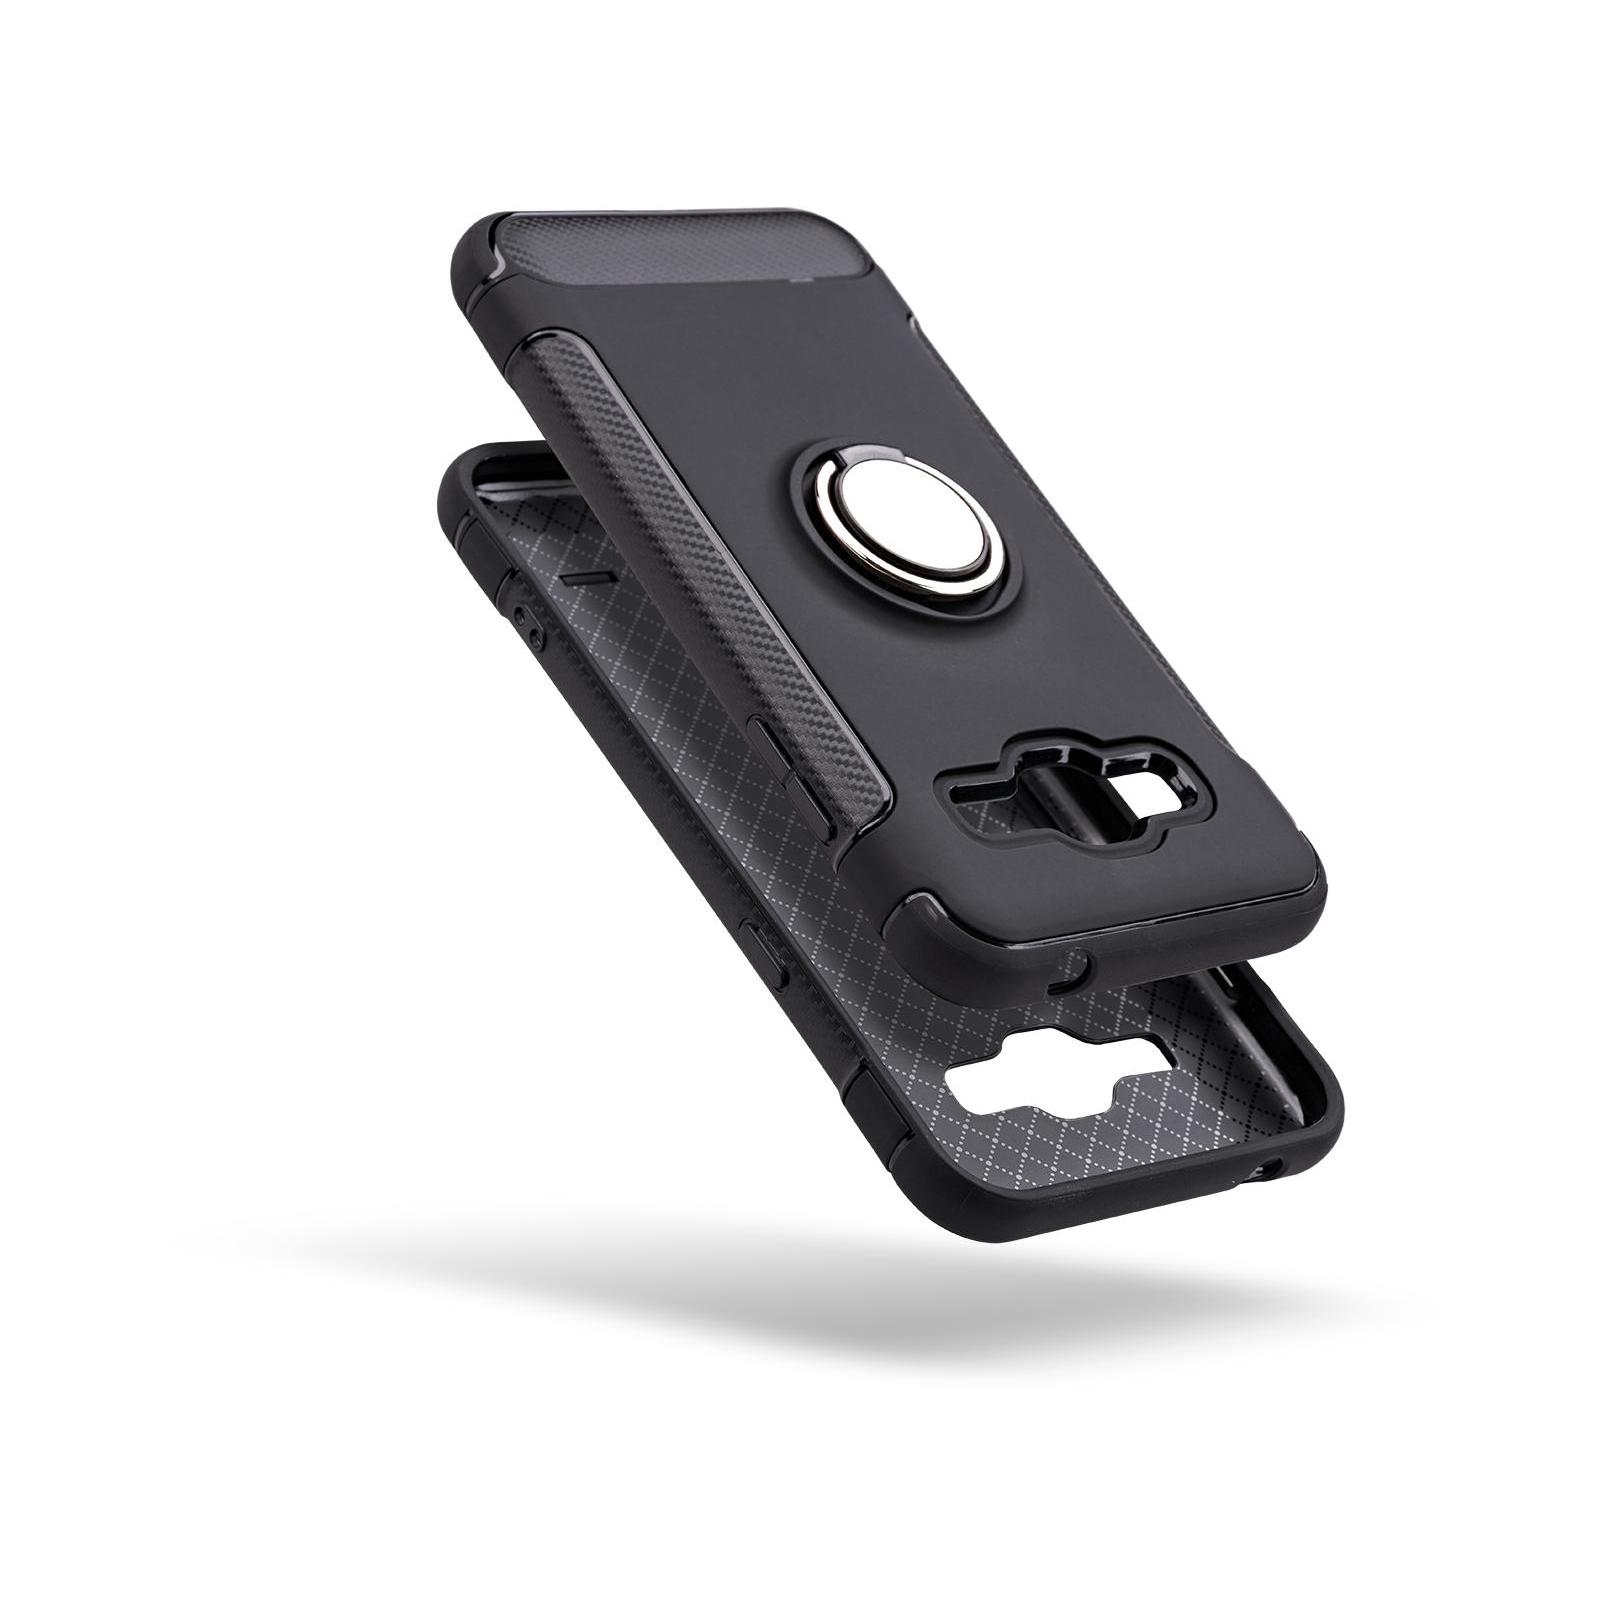 Чехол для моб. телефона Laudtec для Samsung J3 2016/J320 Ring stand (black) (LR-J320-BC) изображение 2